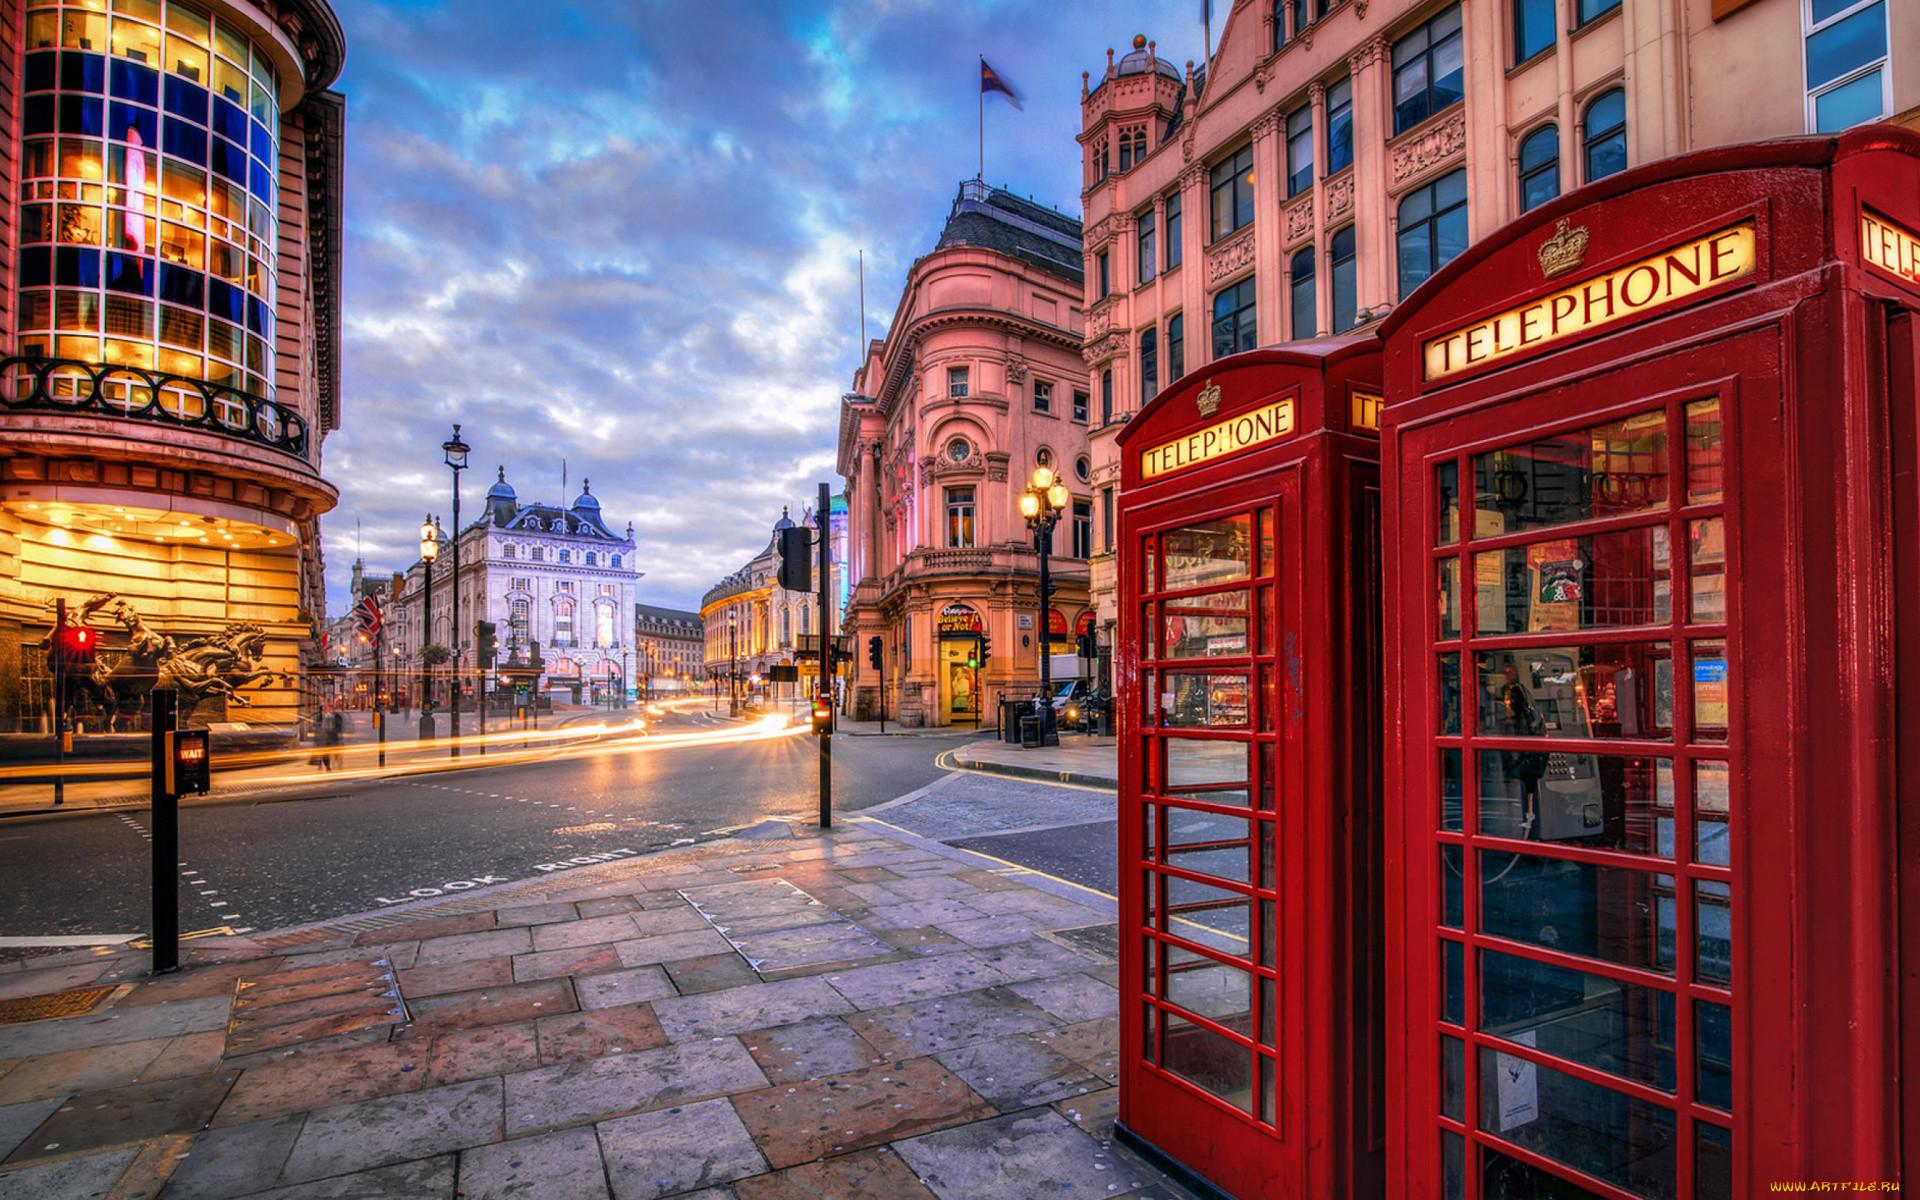 купалась скандалистка красивые фотографии лондона они пропускают пыль